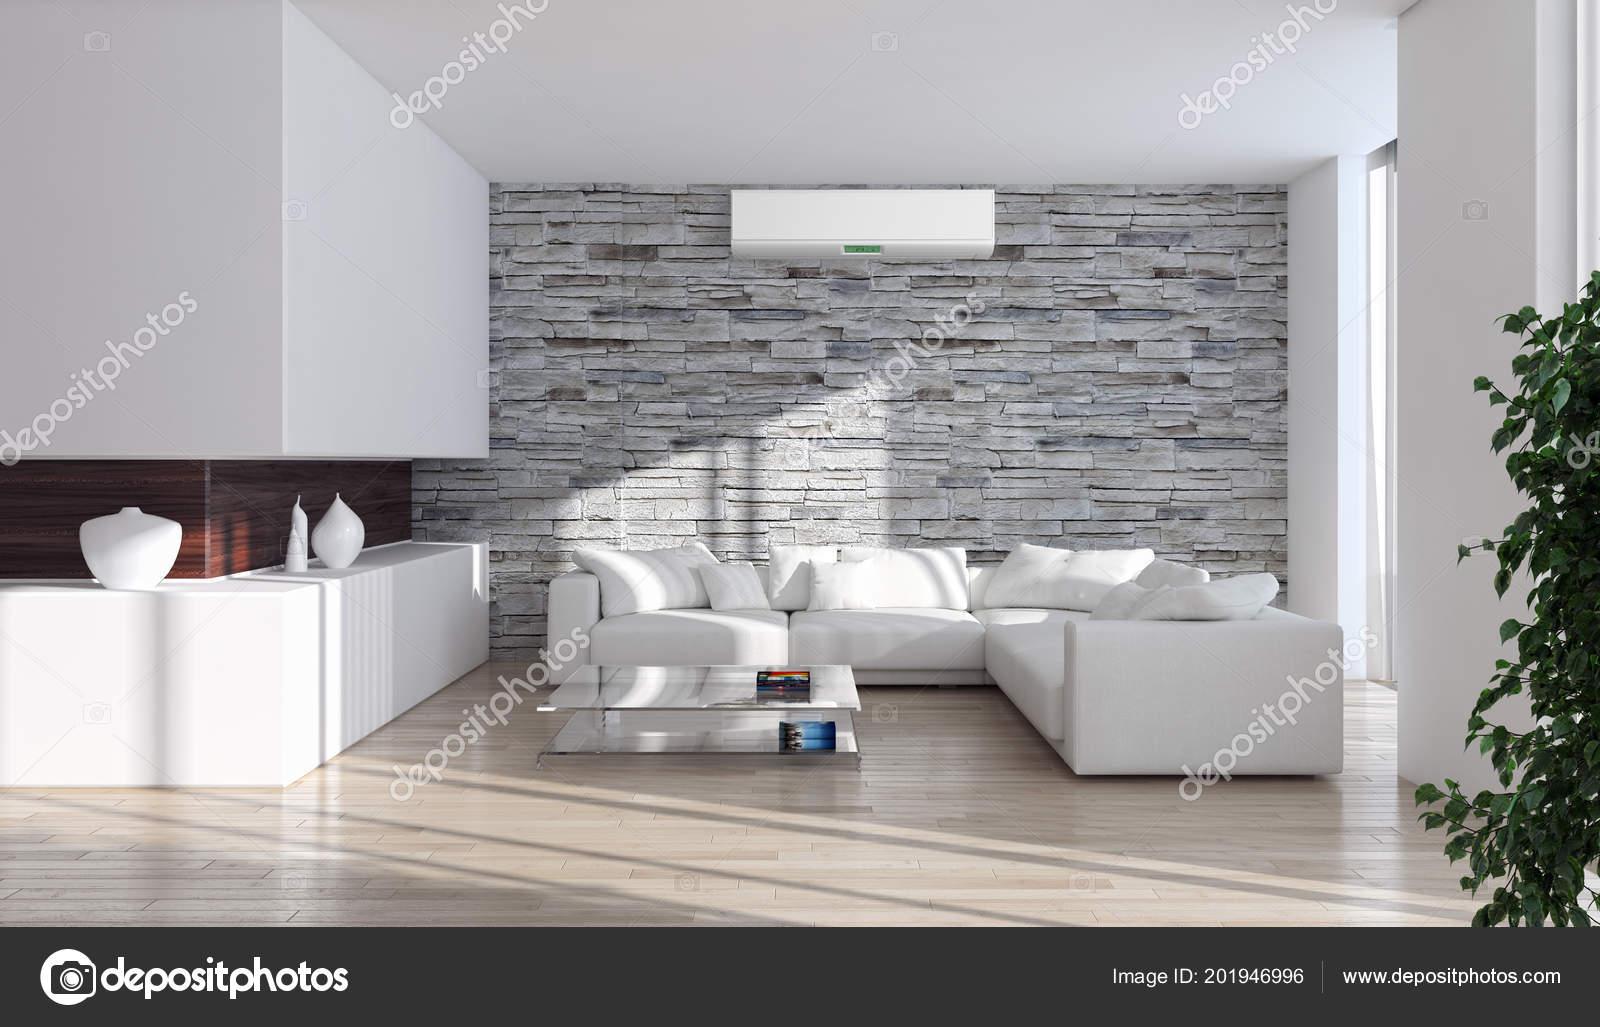 Modernes Interieur Mit Klimaanlage Rendering Illustration ...